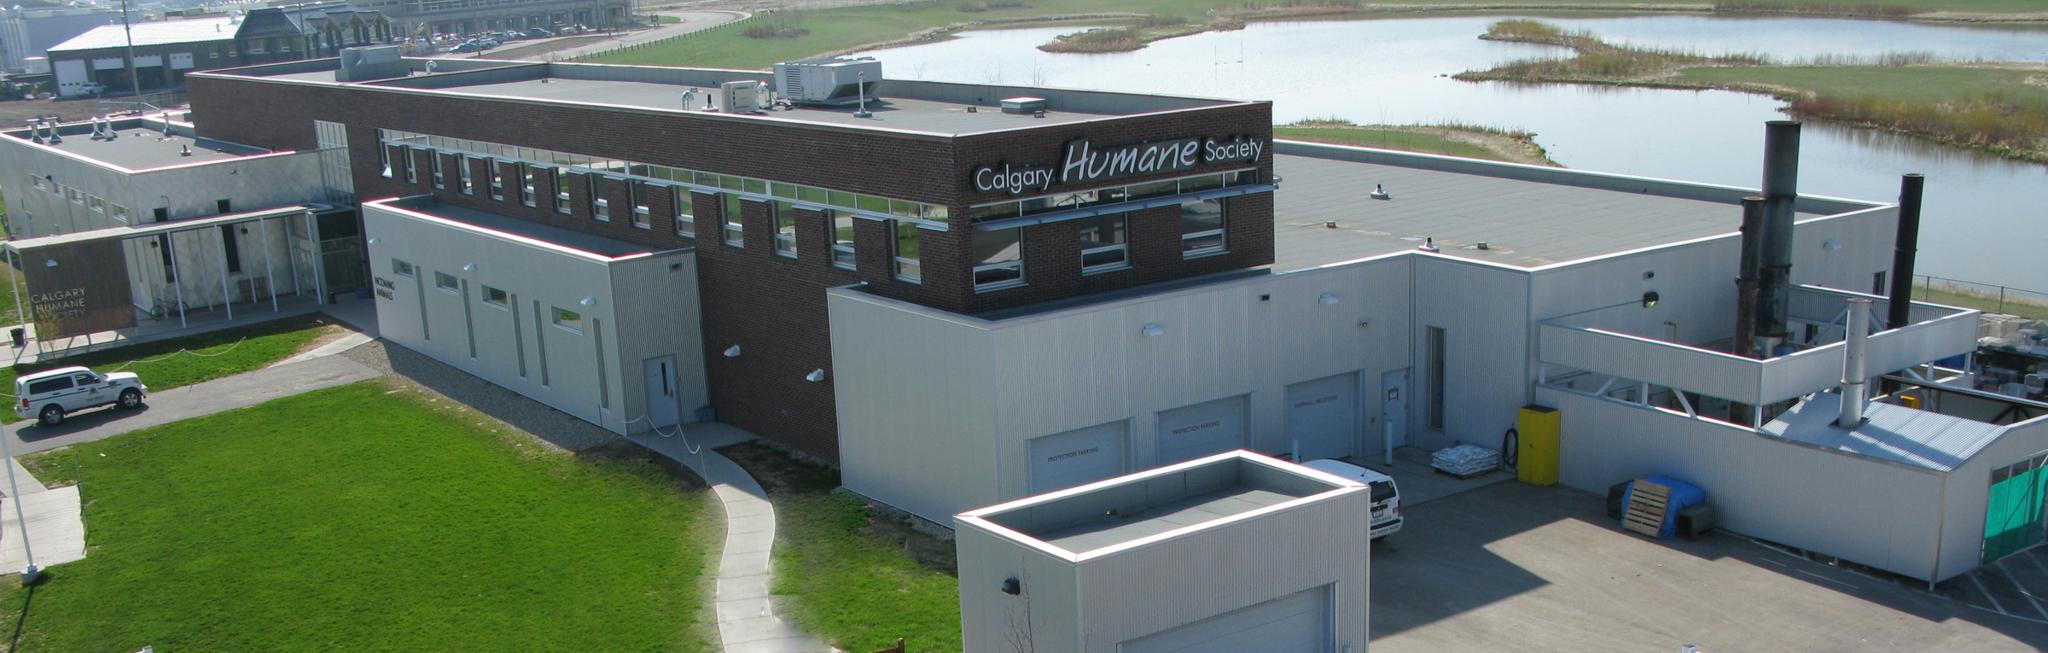 Calgary Humane Society in Calgary